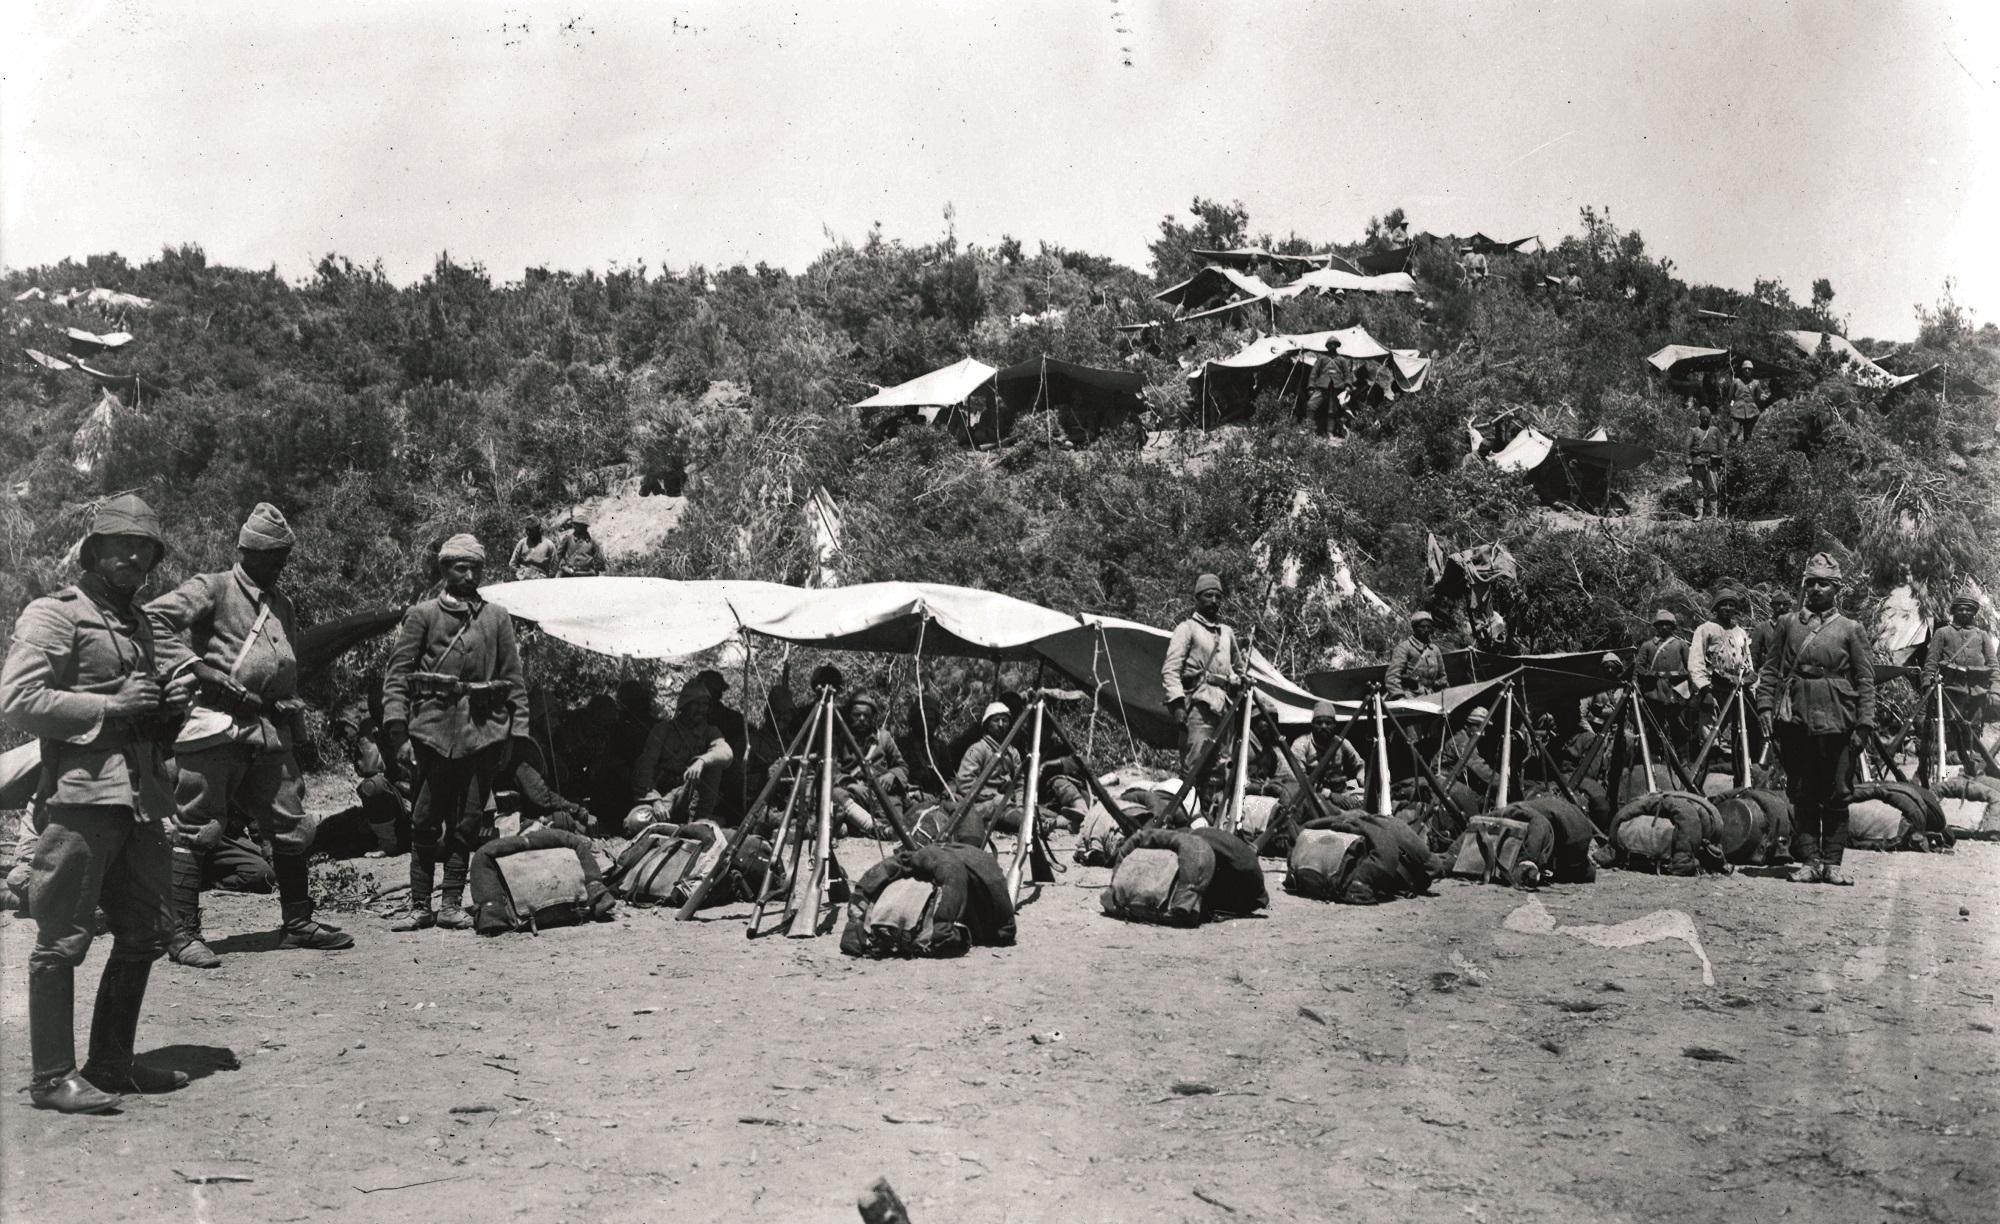 Birinci Harp'te Çanakkale savunması: Büyük direniş Gelibolu'da başladı | Atlas | Atlas Tarih